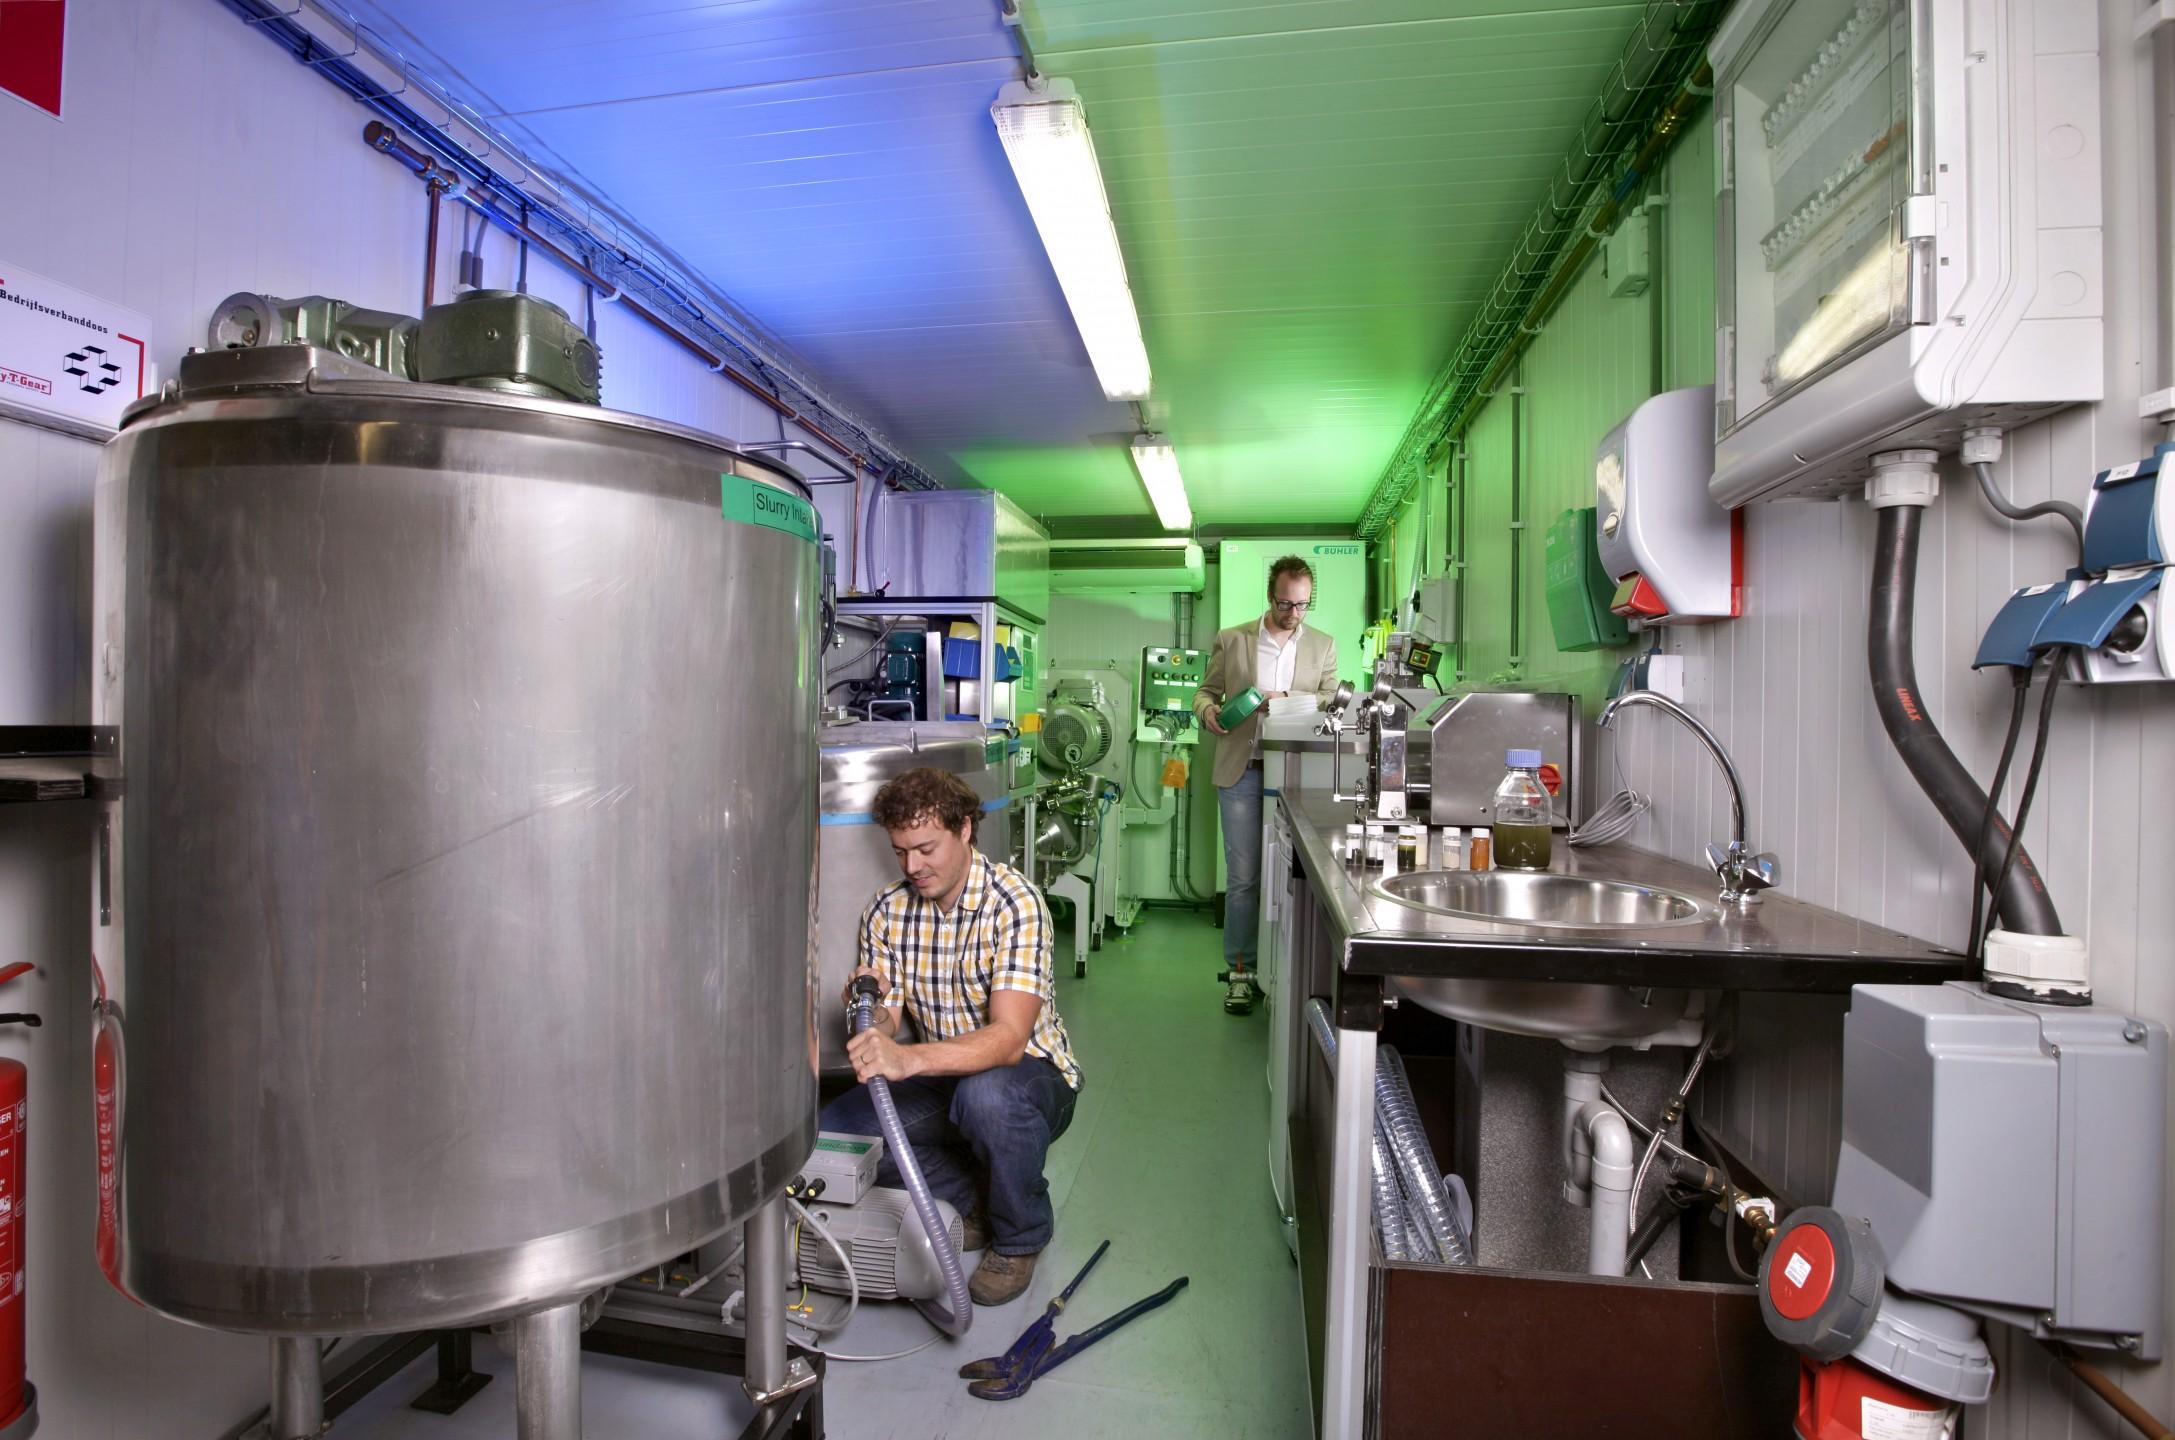 valorie-tno-invests-in-high-value-algae-refining.jpg